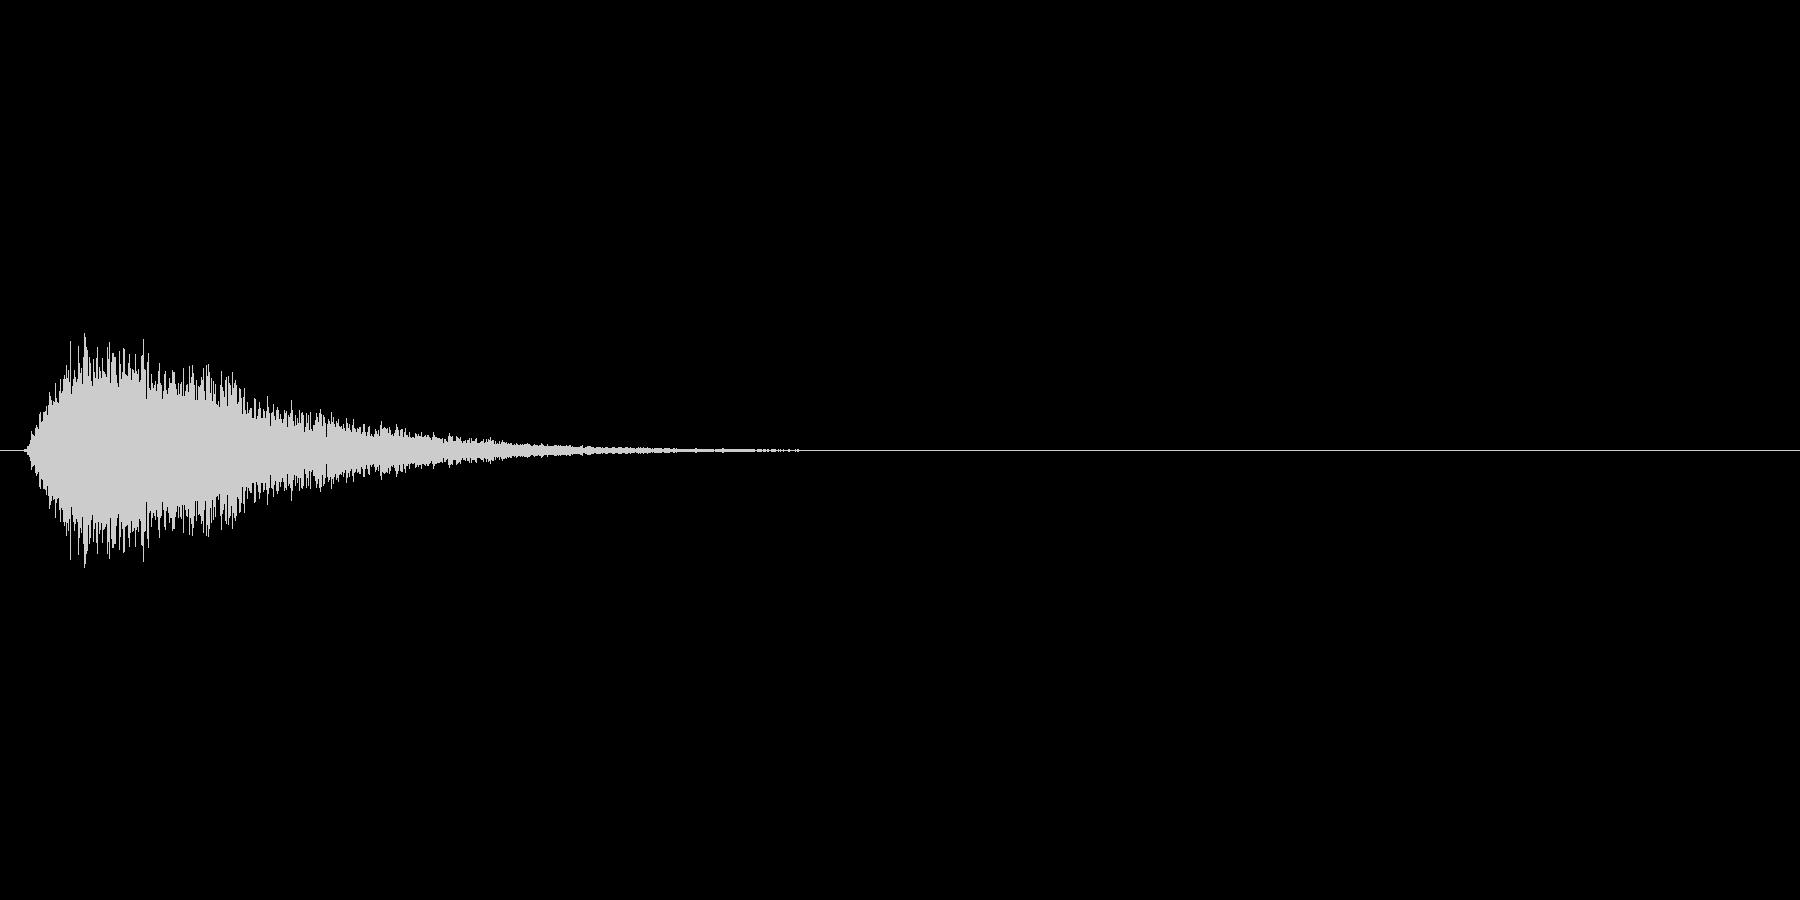 シャキーン03_高級_エレガント_通販の未再生の波形